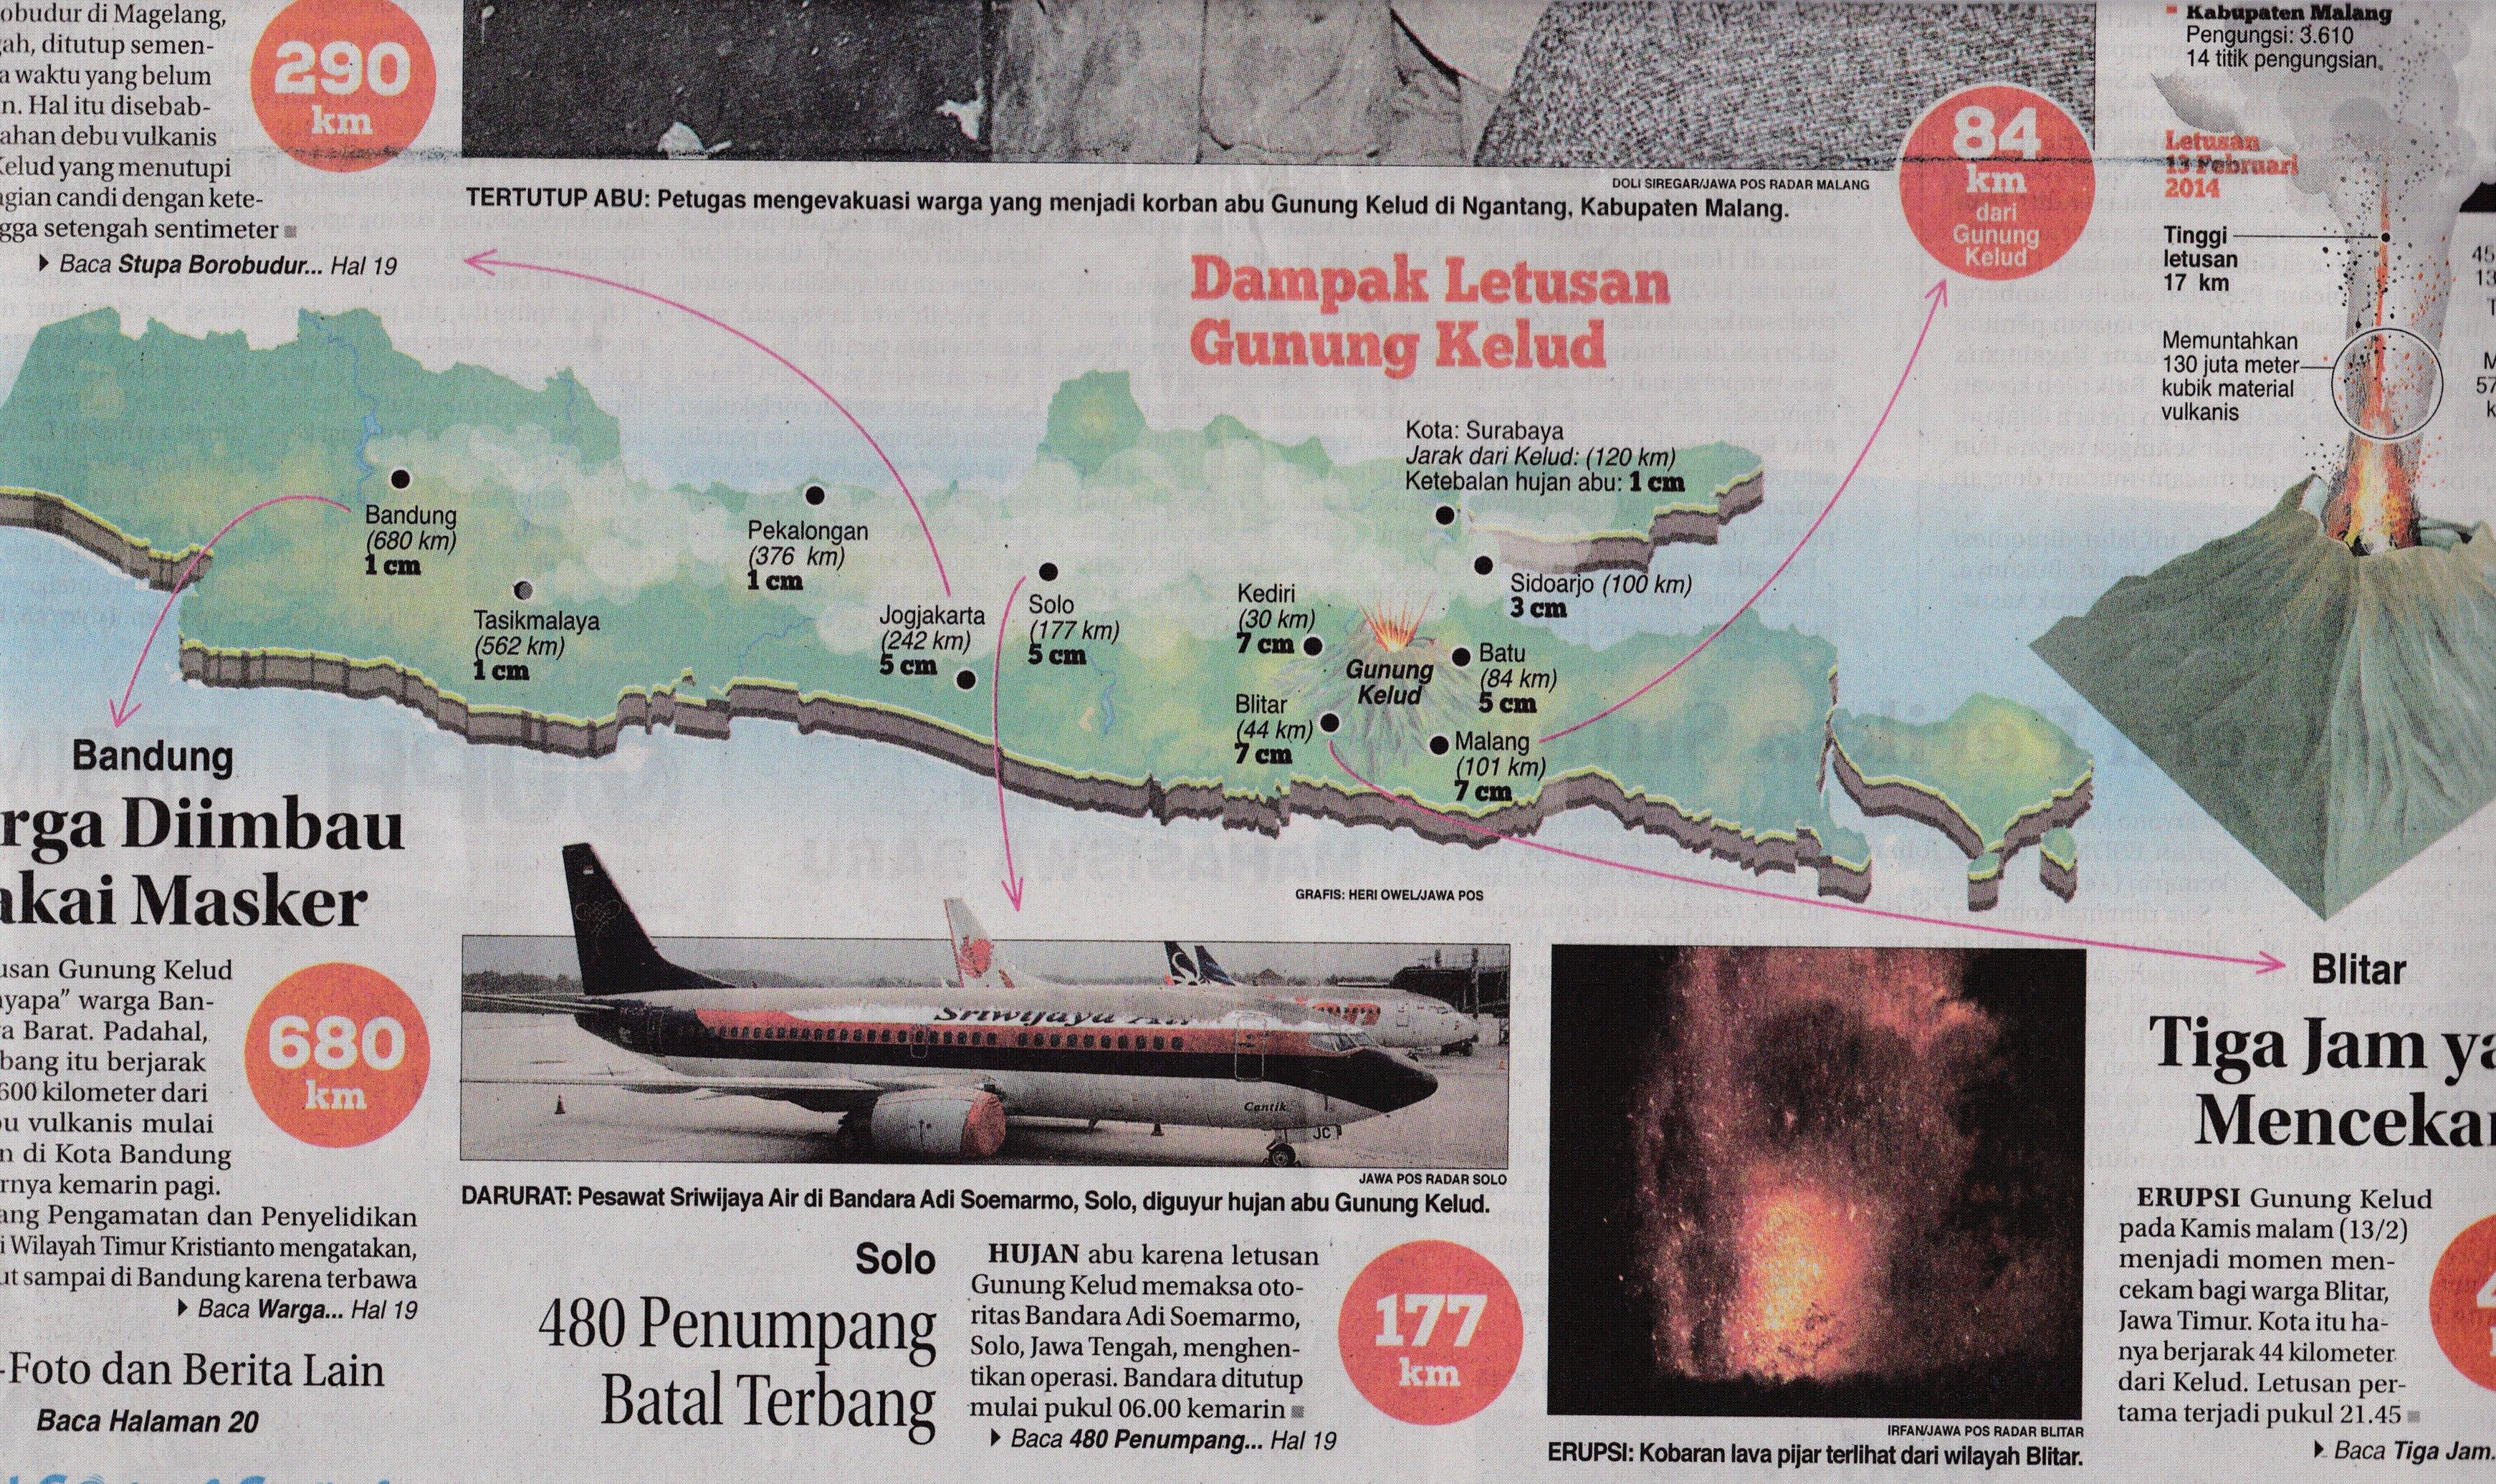 dengan letusan pada tahun 1990 hanya mencapai 8 km